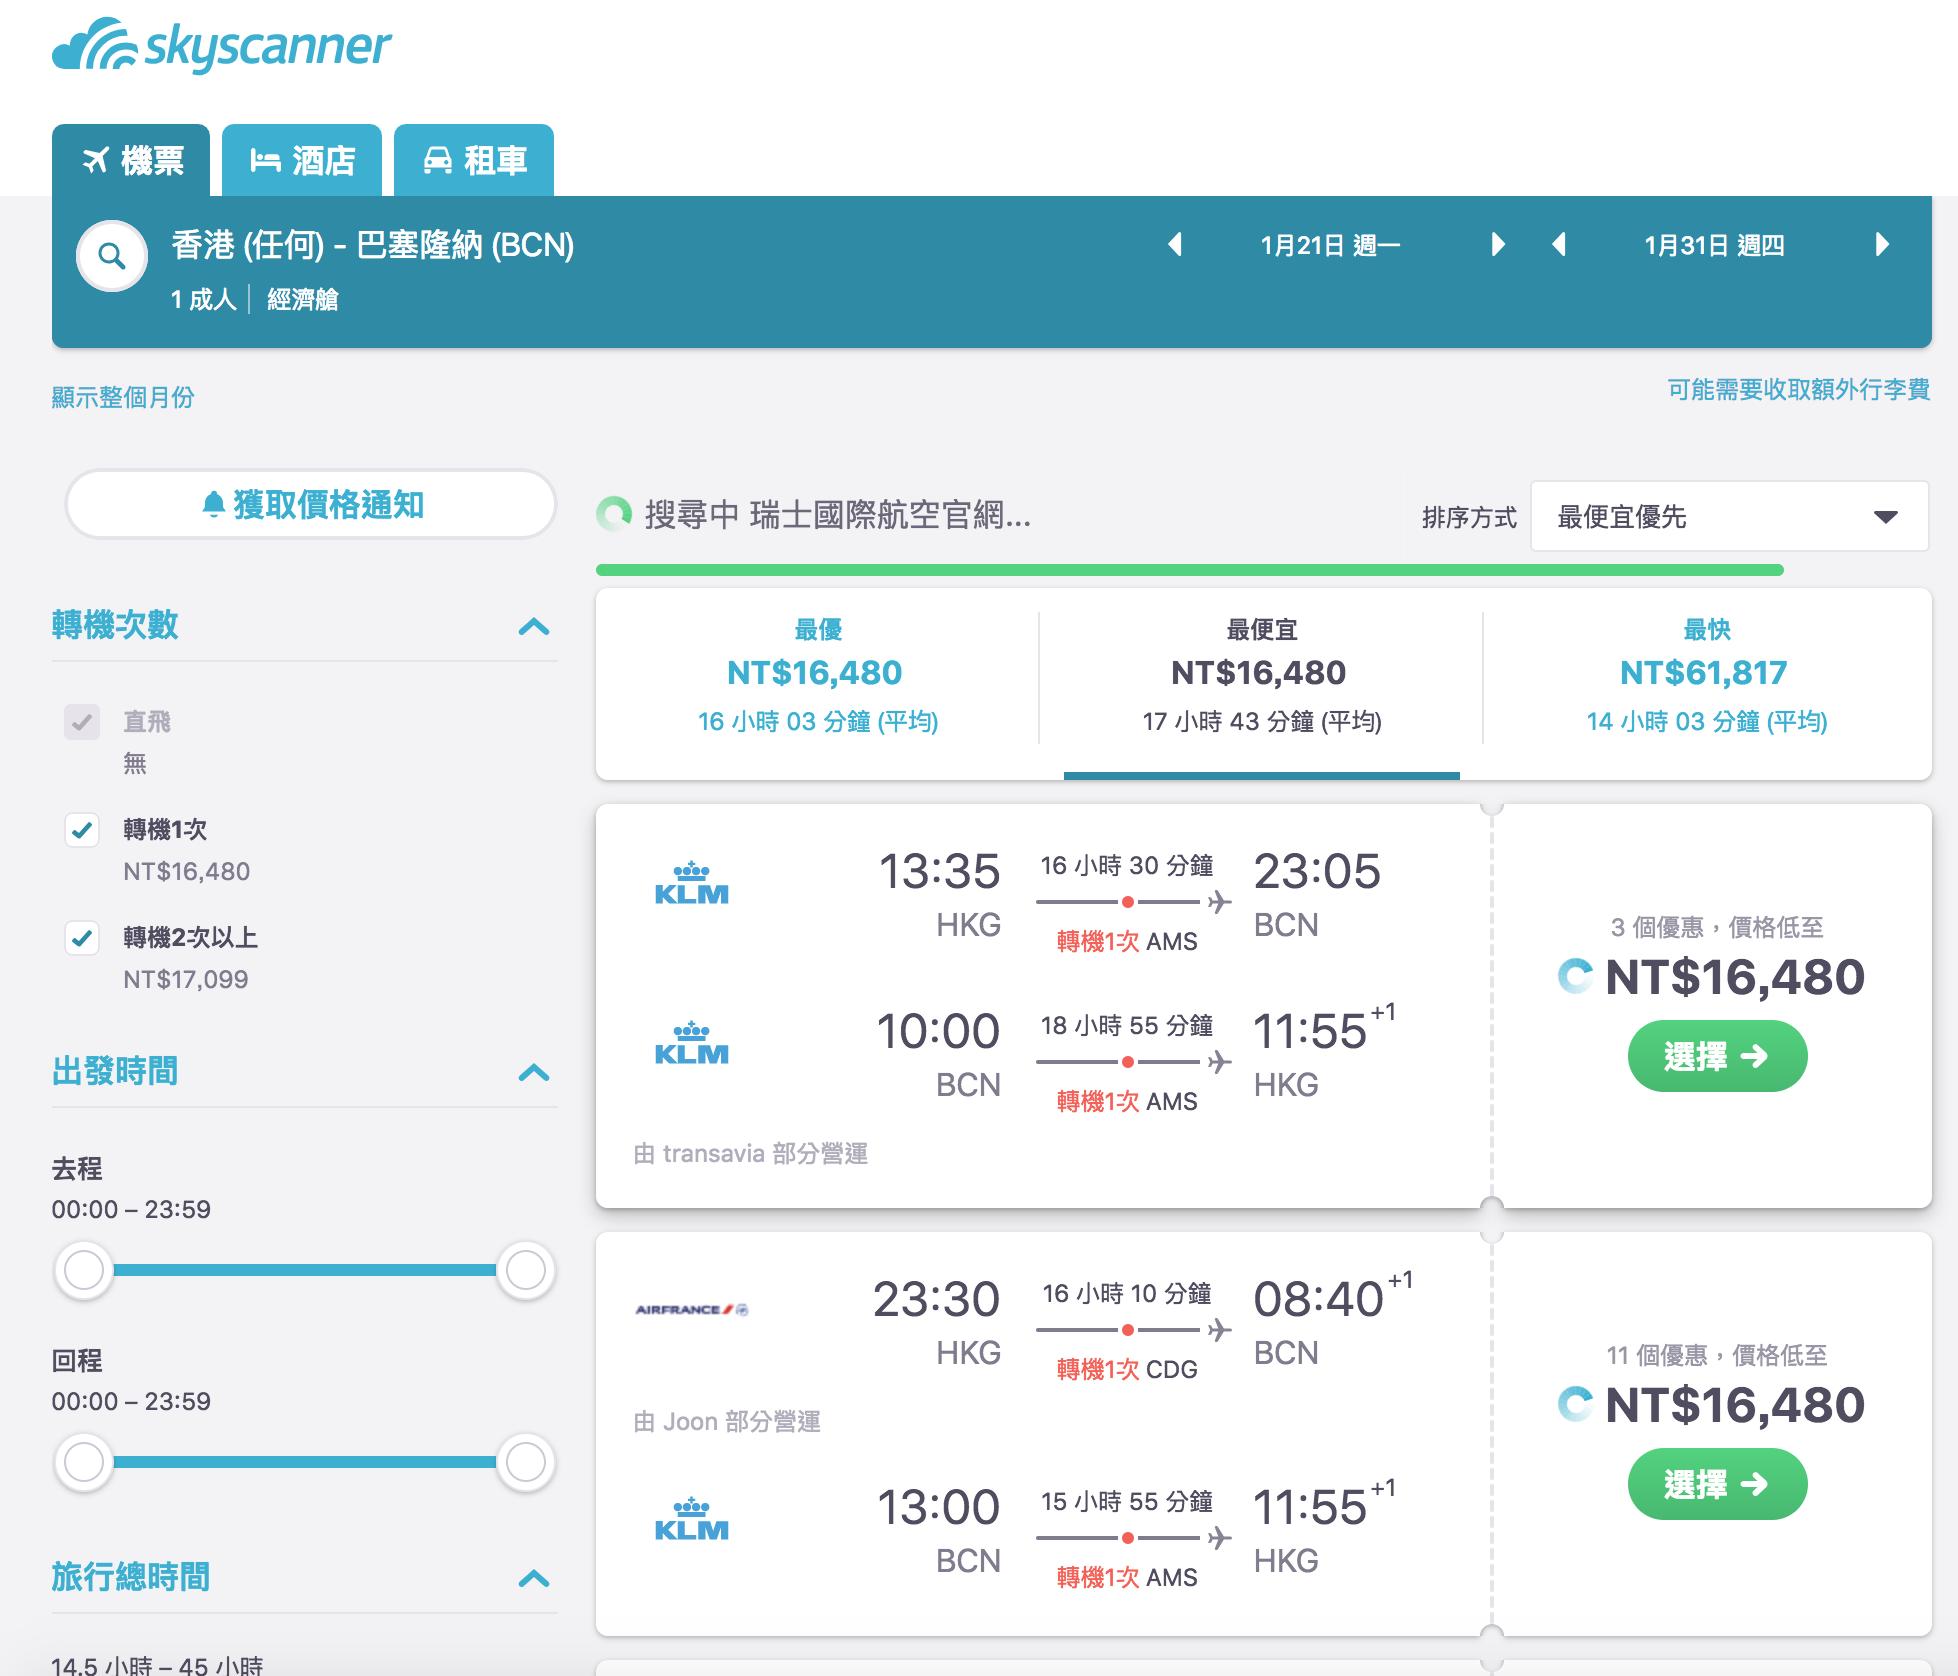 荷蘭航空/英國航空香港外站出發歐洲寒假過年特價,最低16K起飛往各大城市(查票:107.11.23)